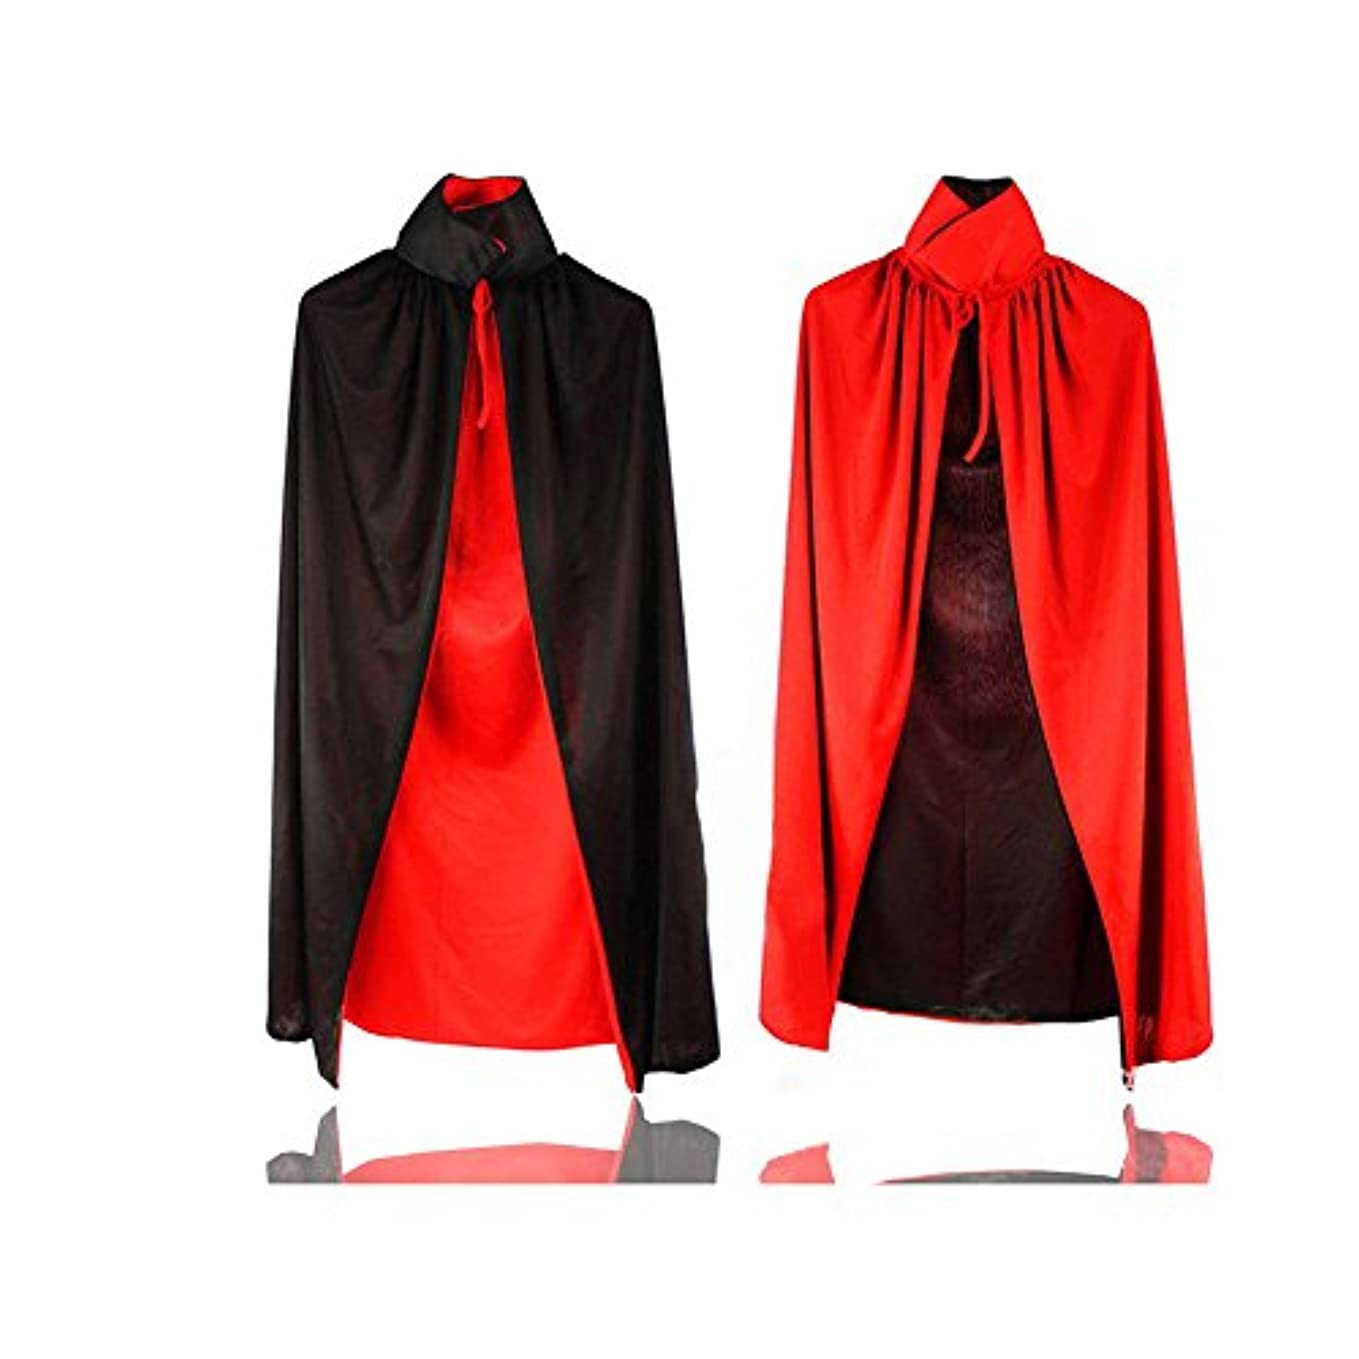 無限大本質的ではない勝利した大人のためのブラック&レッド両面ハロウィン吸血鬼の外套のコスプレ衣装(ユニセックス) (長:120cm)